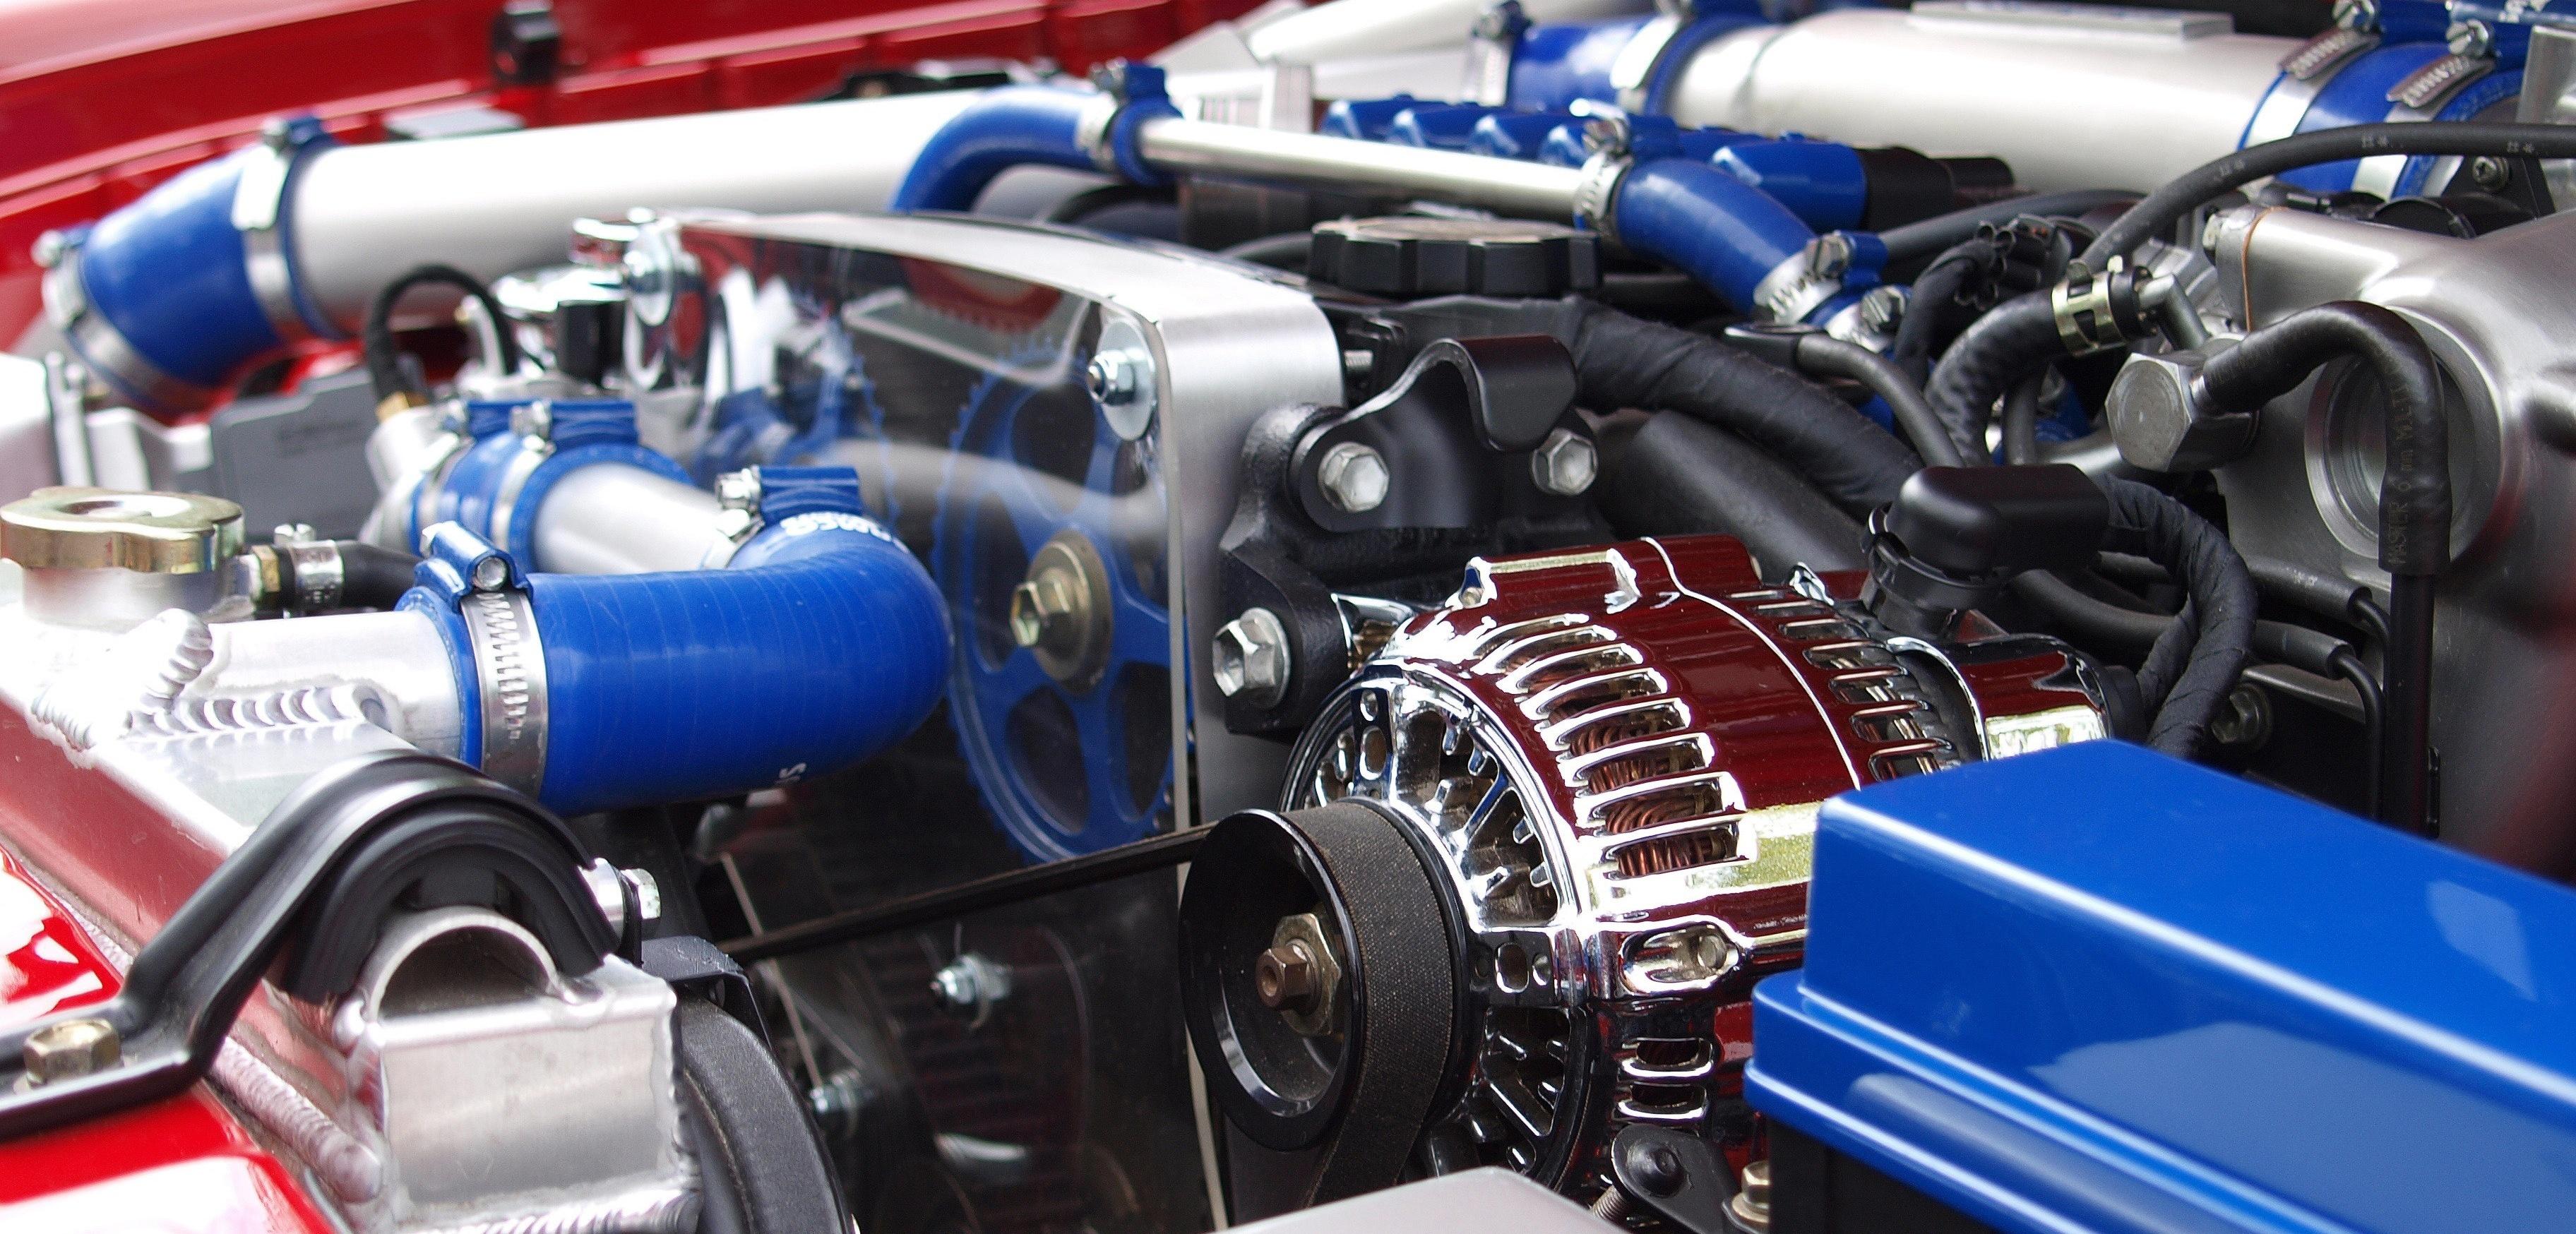 automobil-energie-fahrzeug-65623